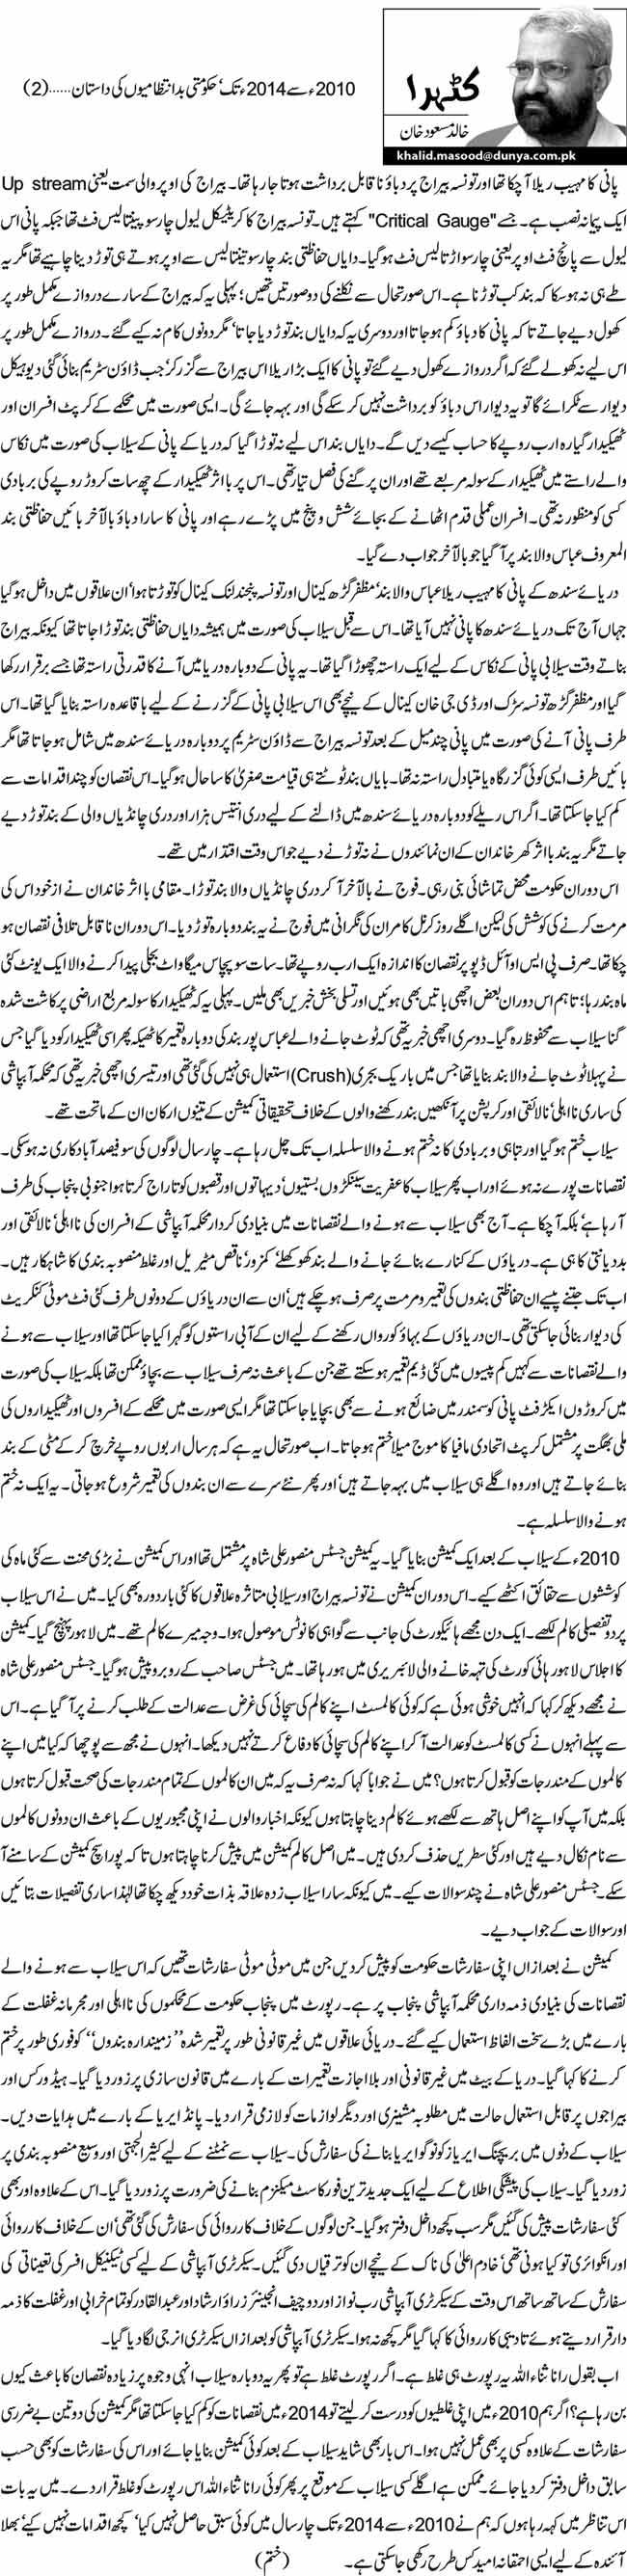 2010ء سے 2014ء تک' حکومتی بدانتظامیوں کی داستان …(2)